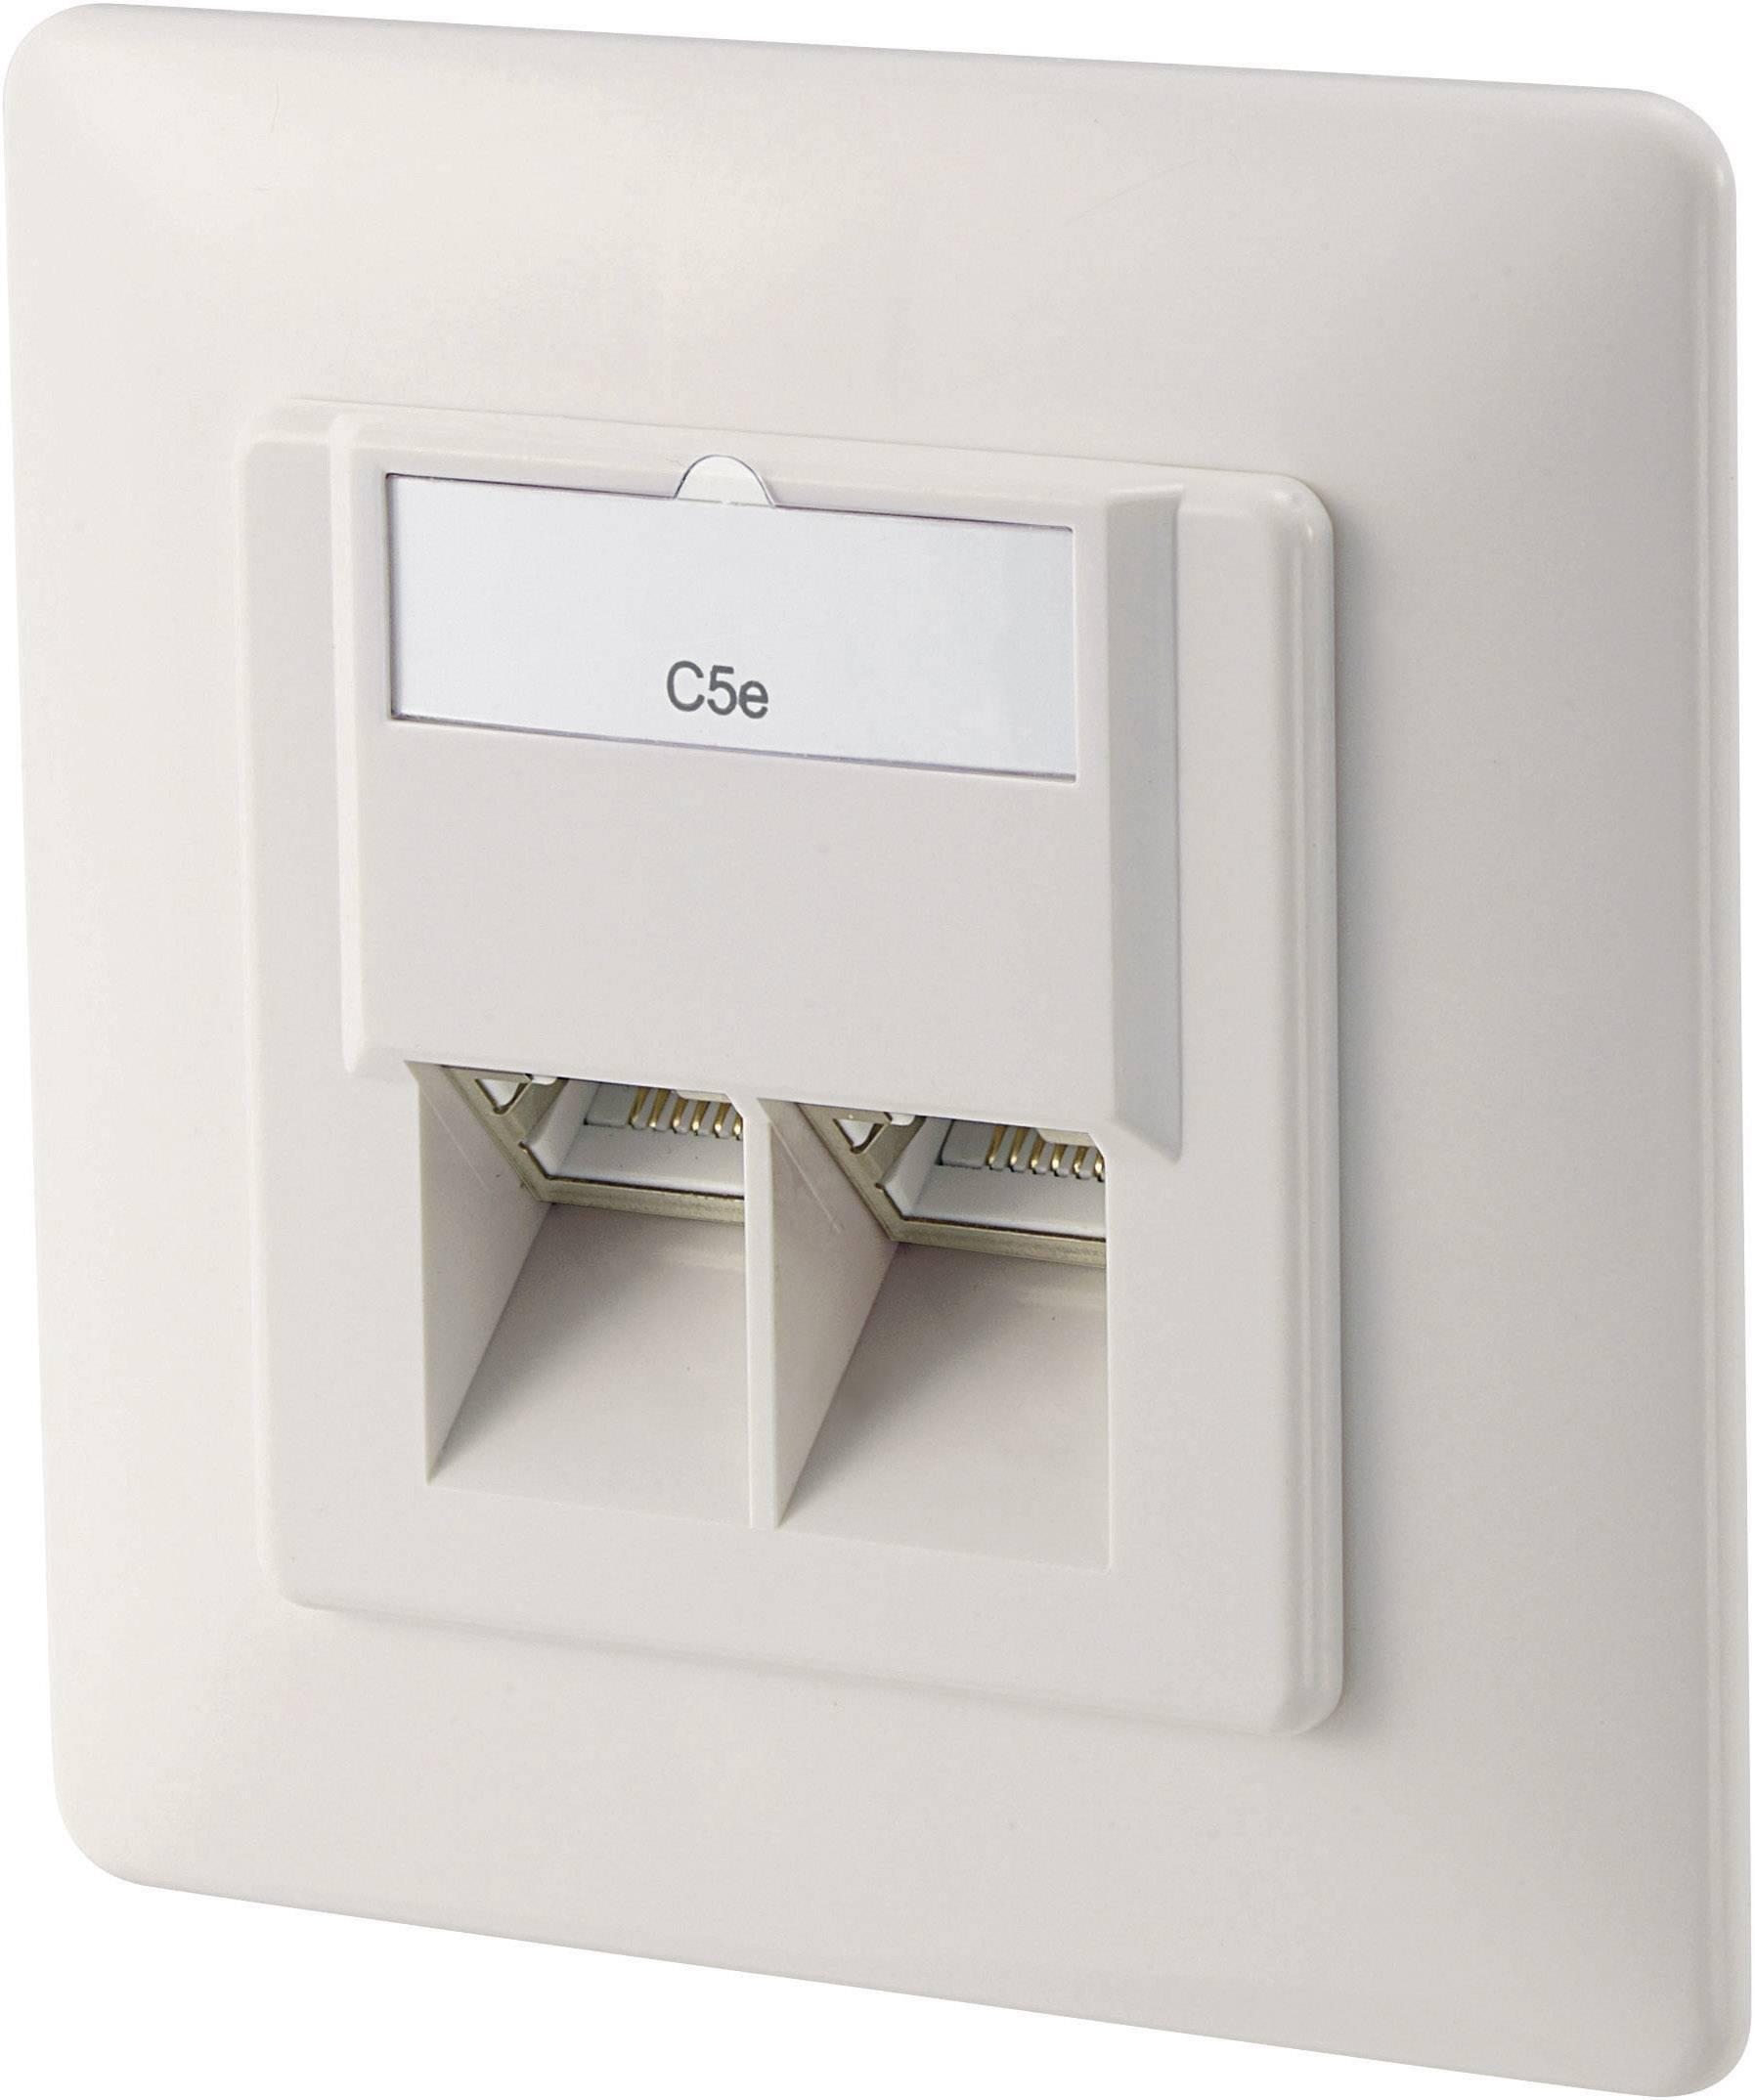 Sieťová zásuvka pod omietku Digitus Professional DN-9001-N, CAT 5e, s 2 portmi, čisto biela